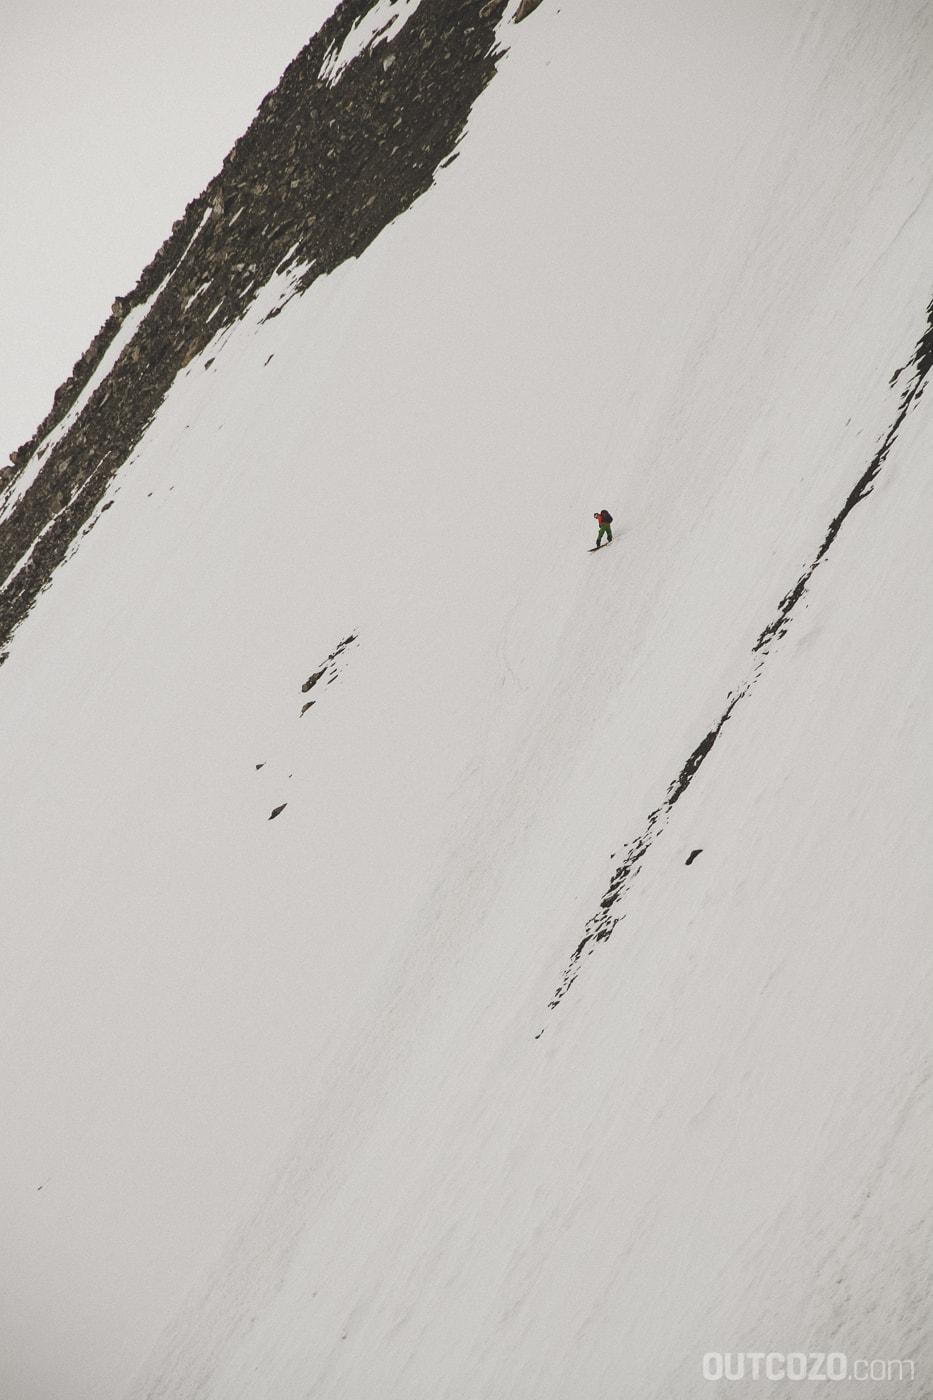 Steilabfahrt mit Snowboard